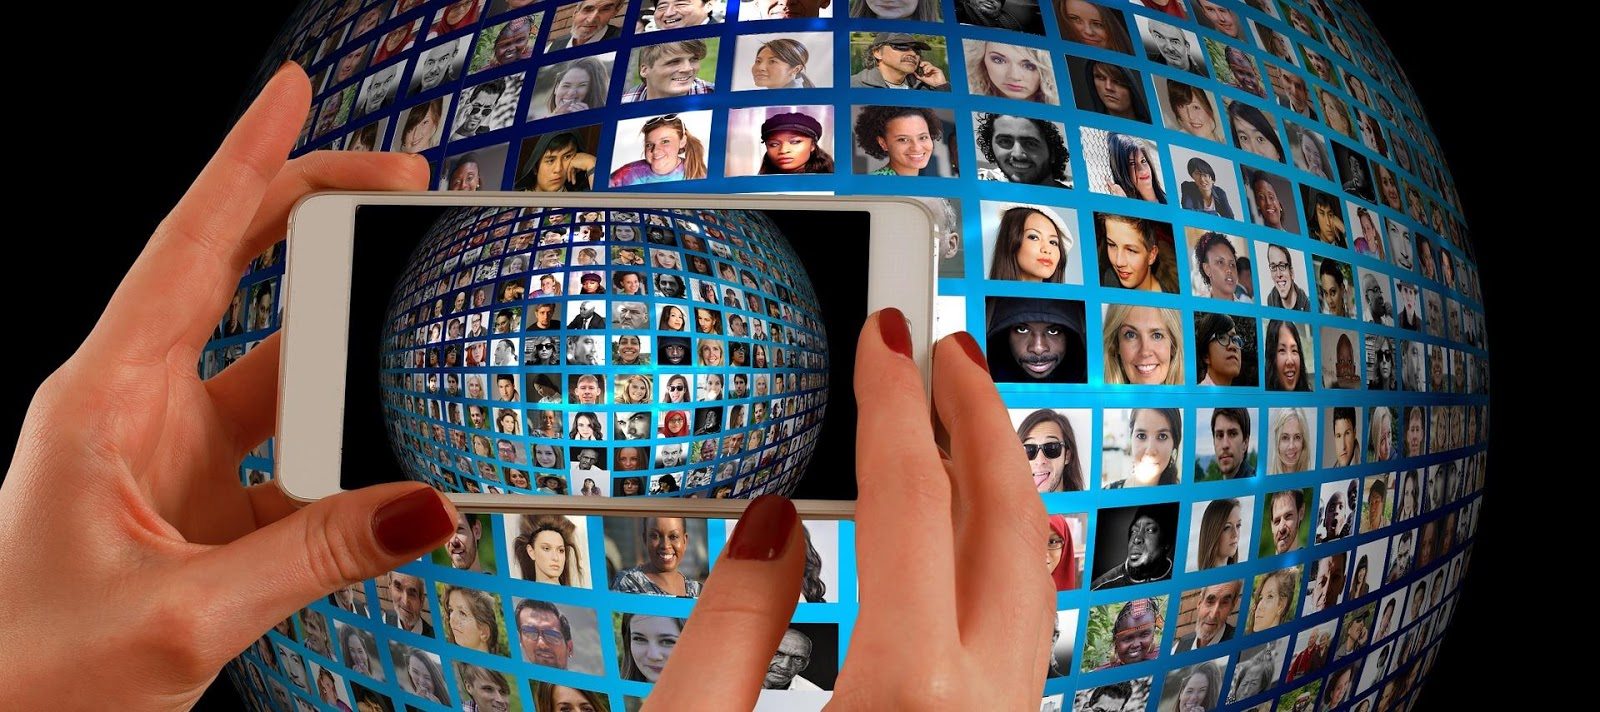 social media marketing curation.jpg